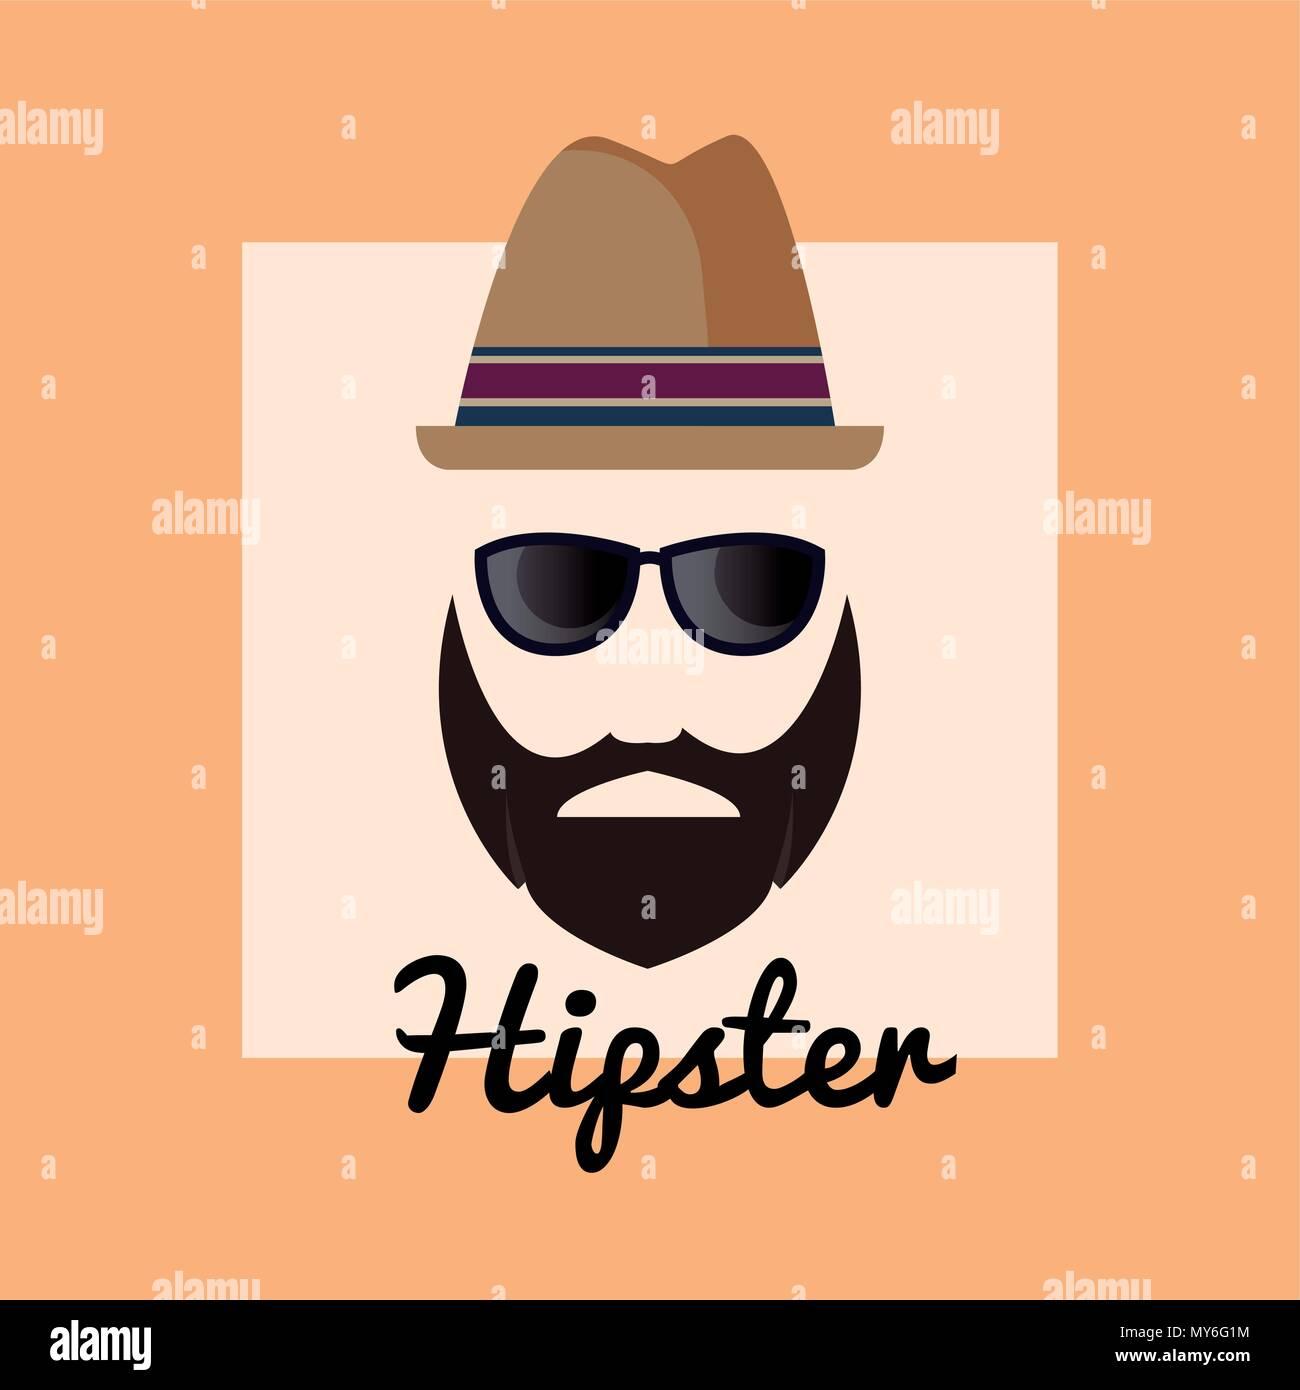 Hufthose Style Design Mit Mann Mit Hut Und Brille Uber Orange